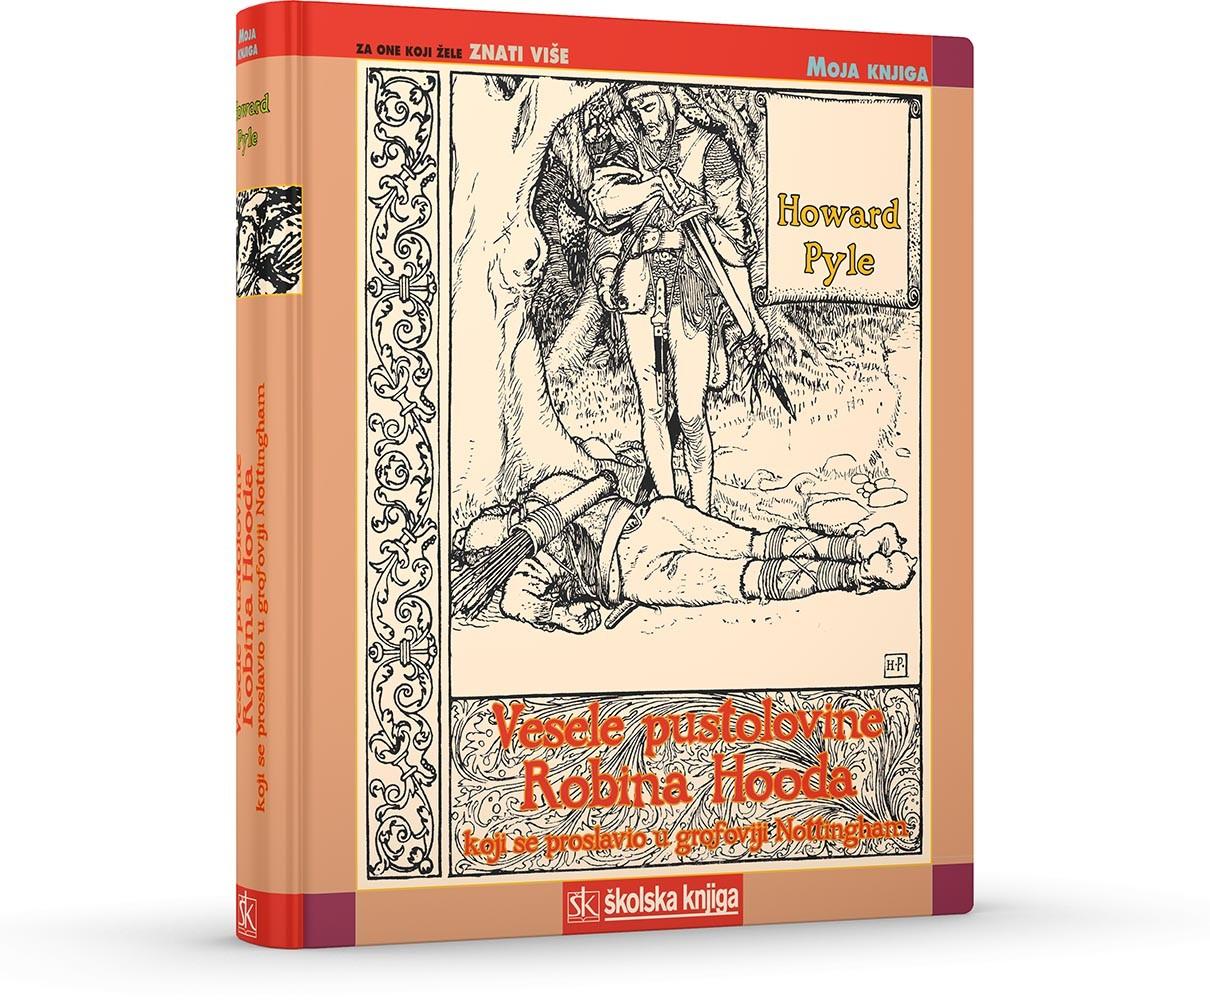 Vesele pustolovine Robina Hooda koji se proslavio u grofoviji Nottingham